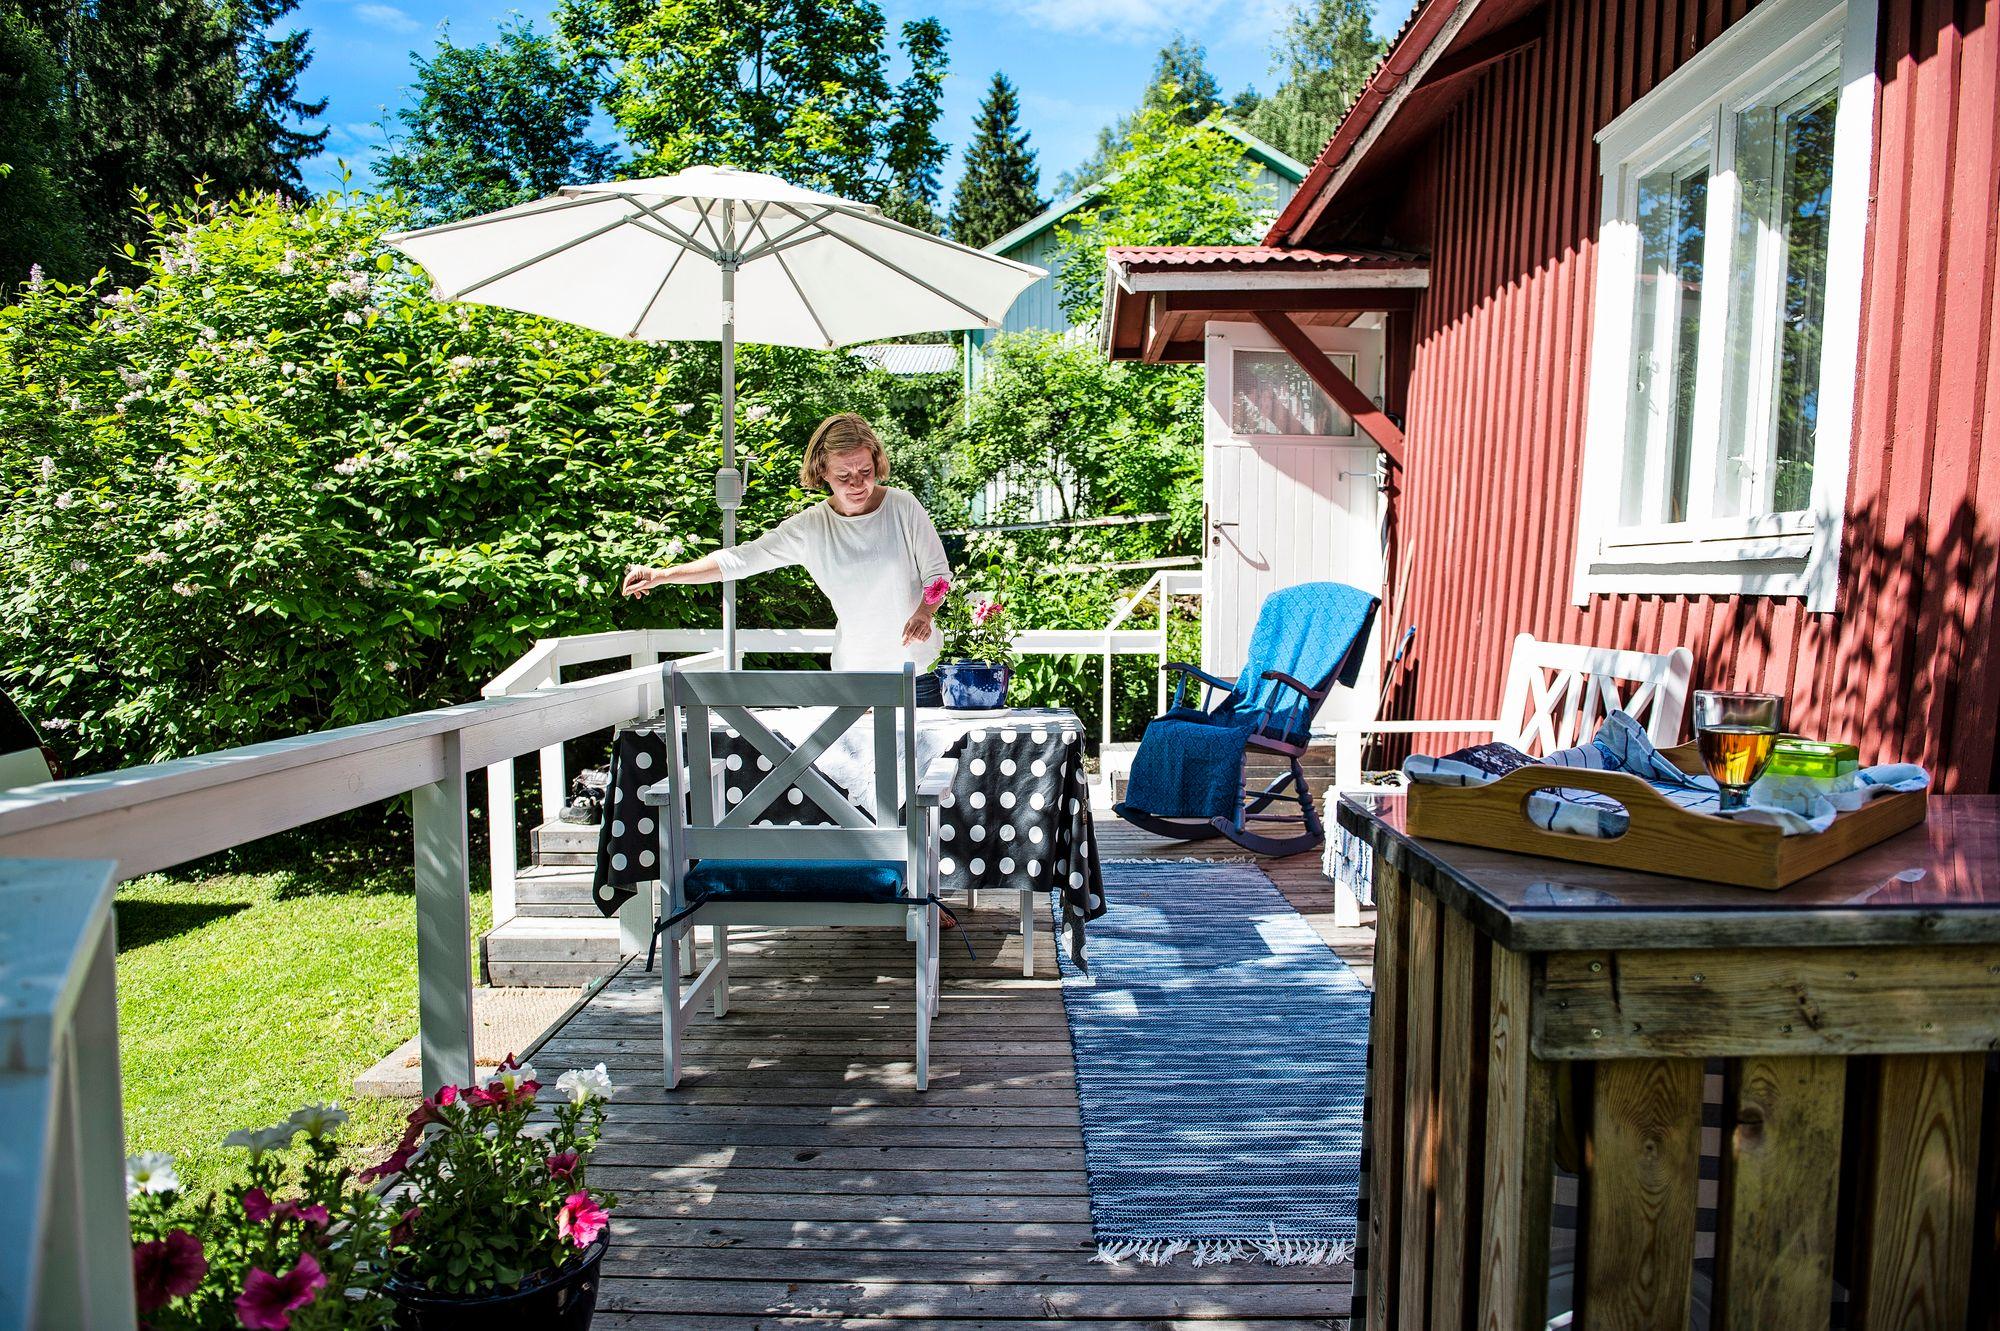 Talon edustalle teetetty terassi toimii kesähuoneena, jossa voi syödä ja puuhastella. © Ari Heinonen